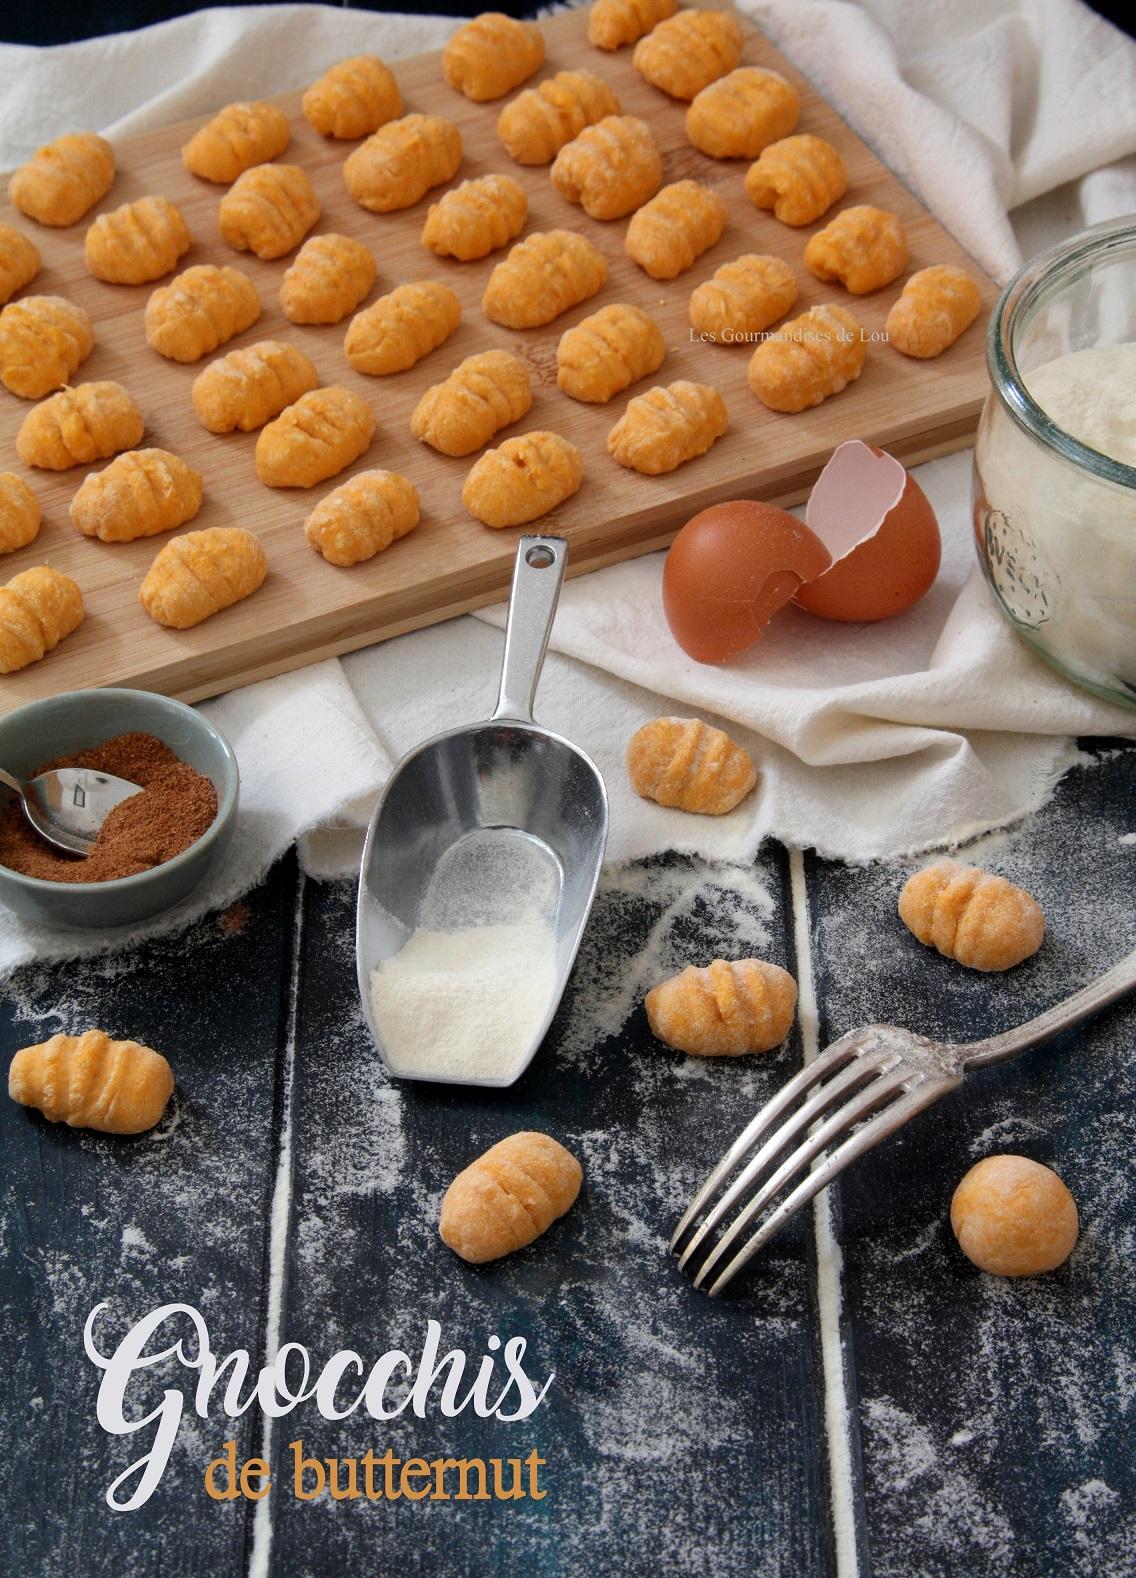 Gnocchis De Butternut Les Gourmandises De Lou